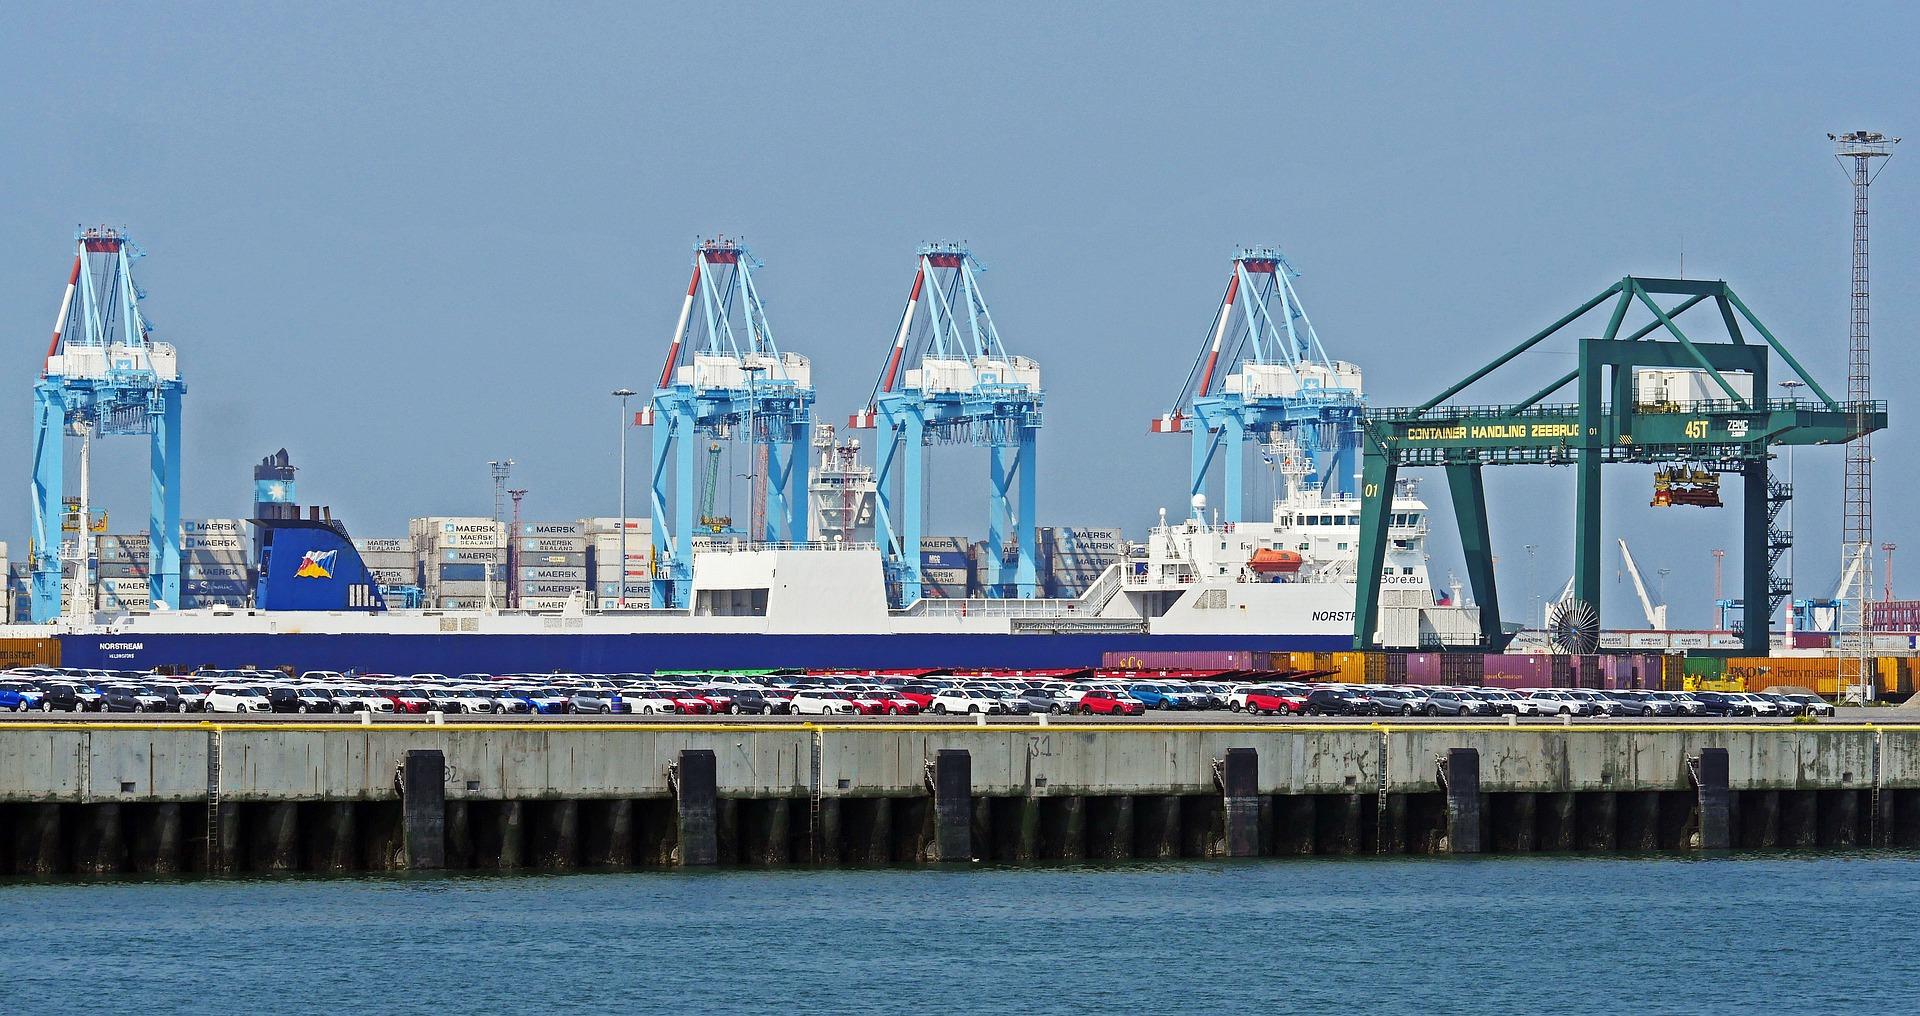 zeebrugge-4355191_1920.jpg